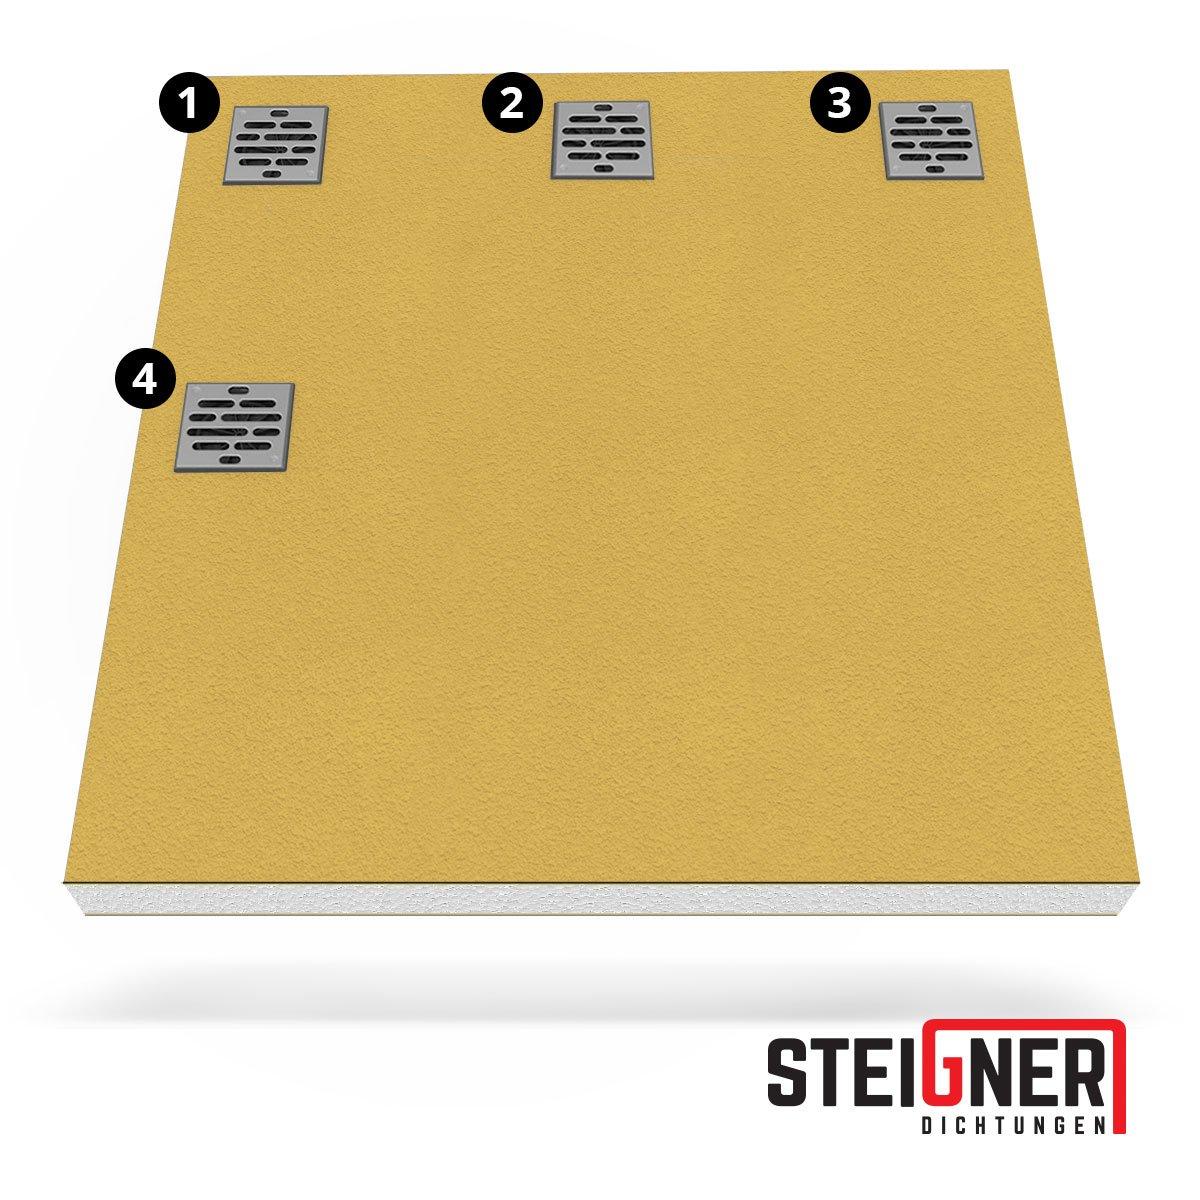 STEIGNER Receveur de Douche Mineral ProfiI Drain Ponctuel D/écentralis/é Position 2 Drain Horizontal 90x120 cm